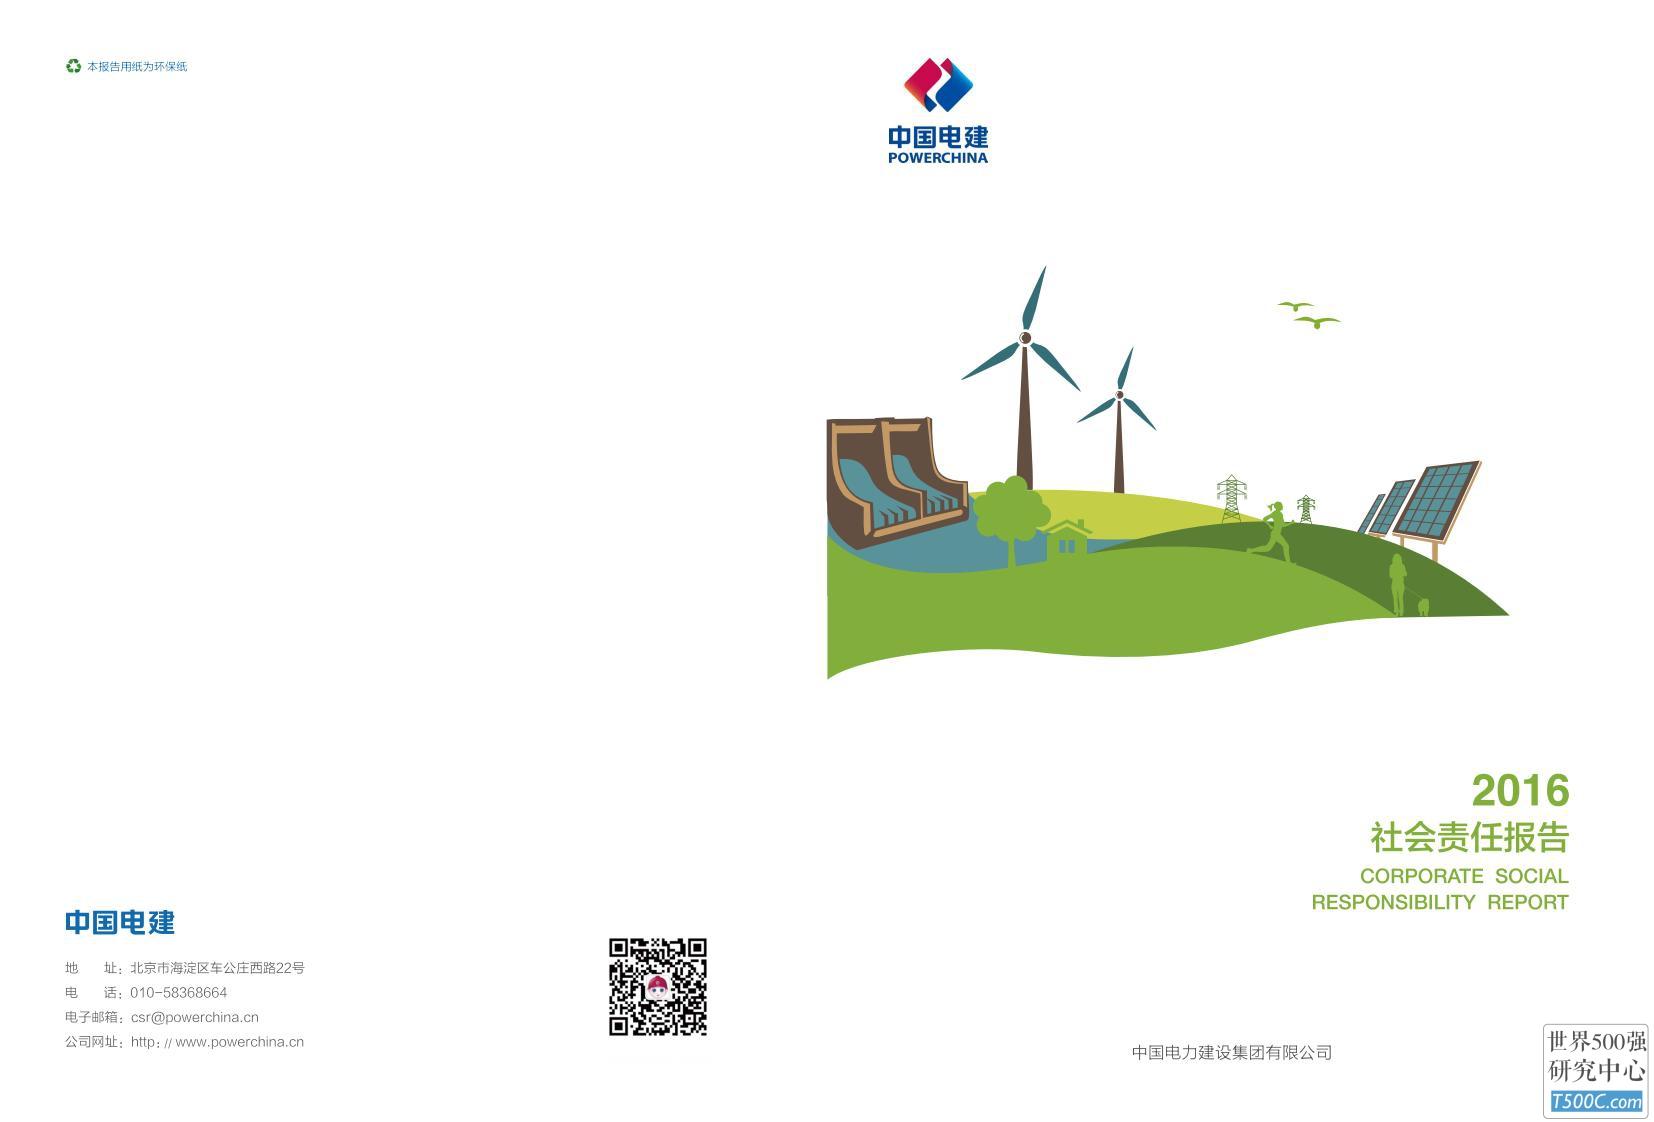 中国电力建设集团有限公司2016年社会责任报告